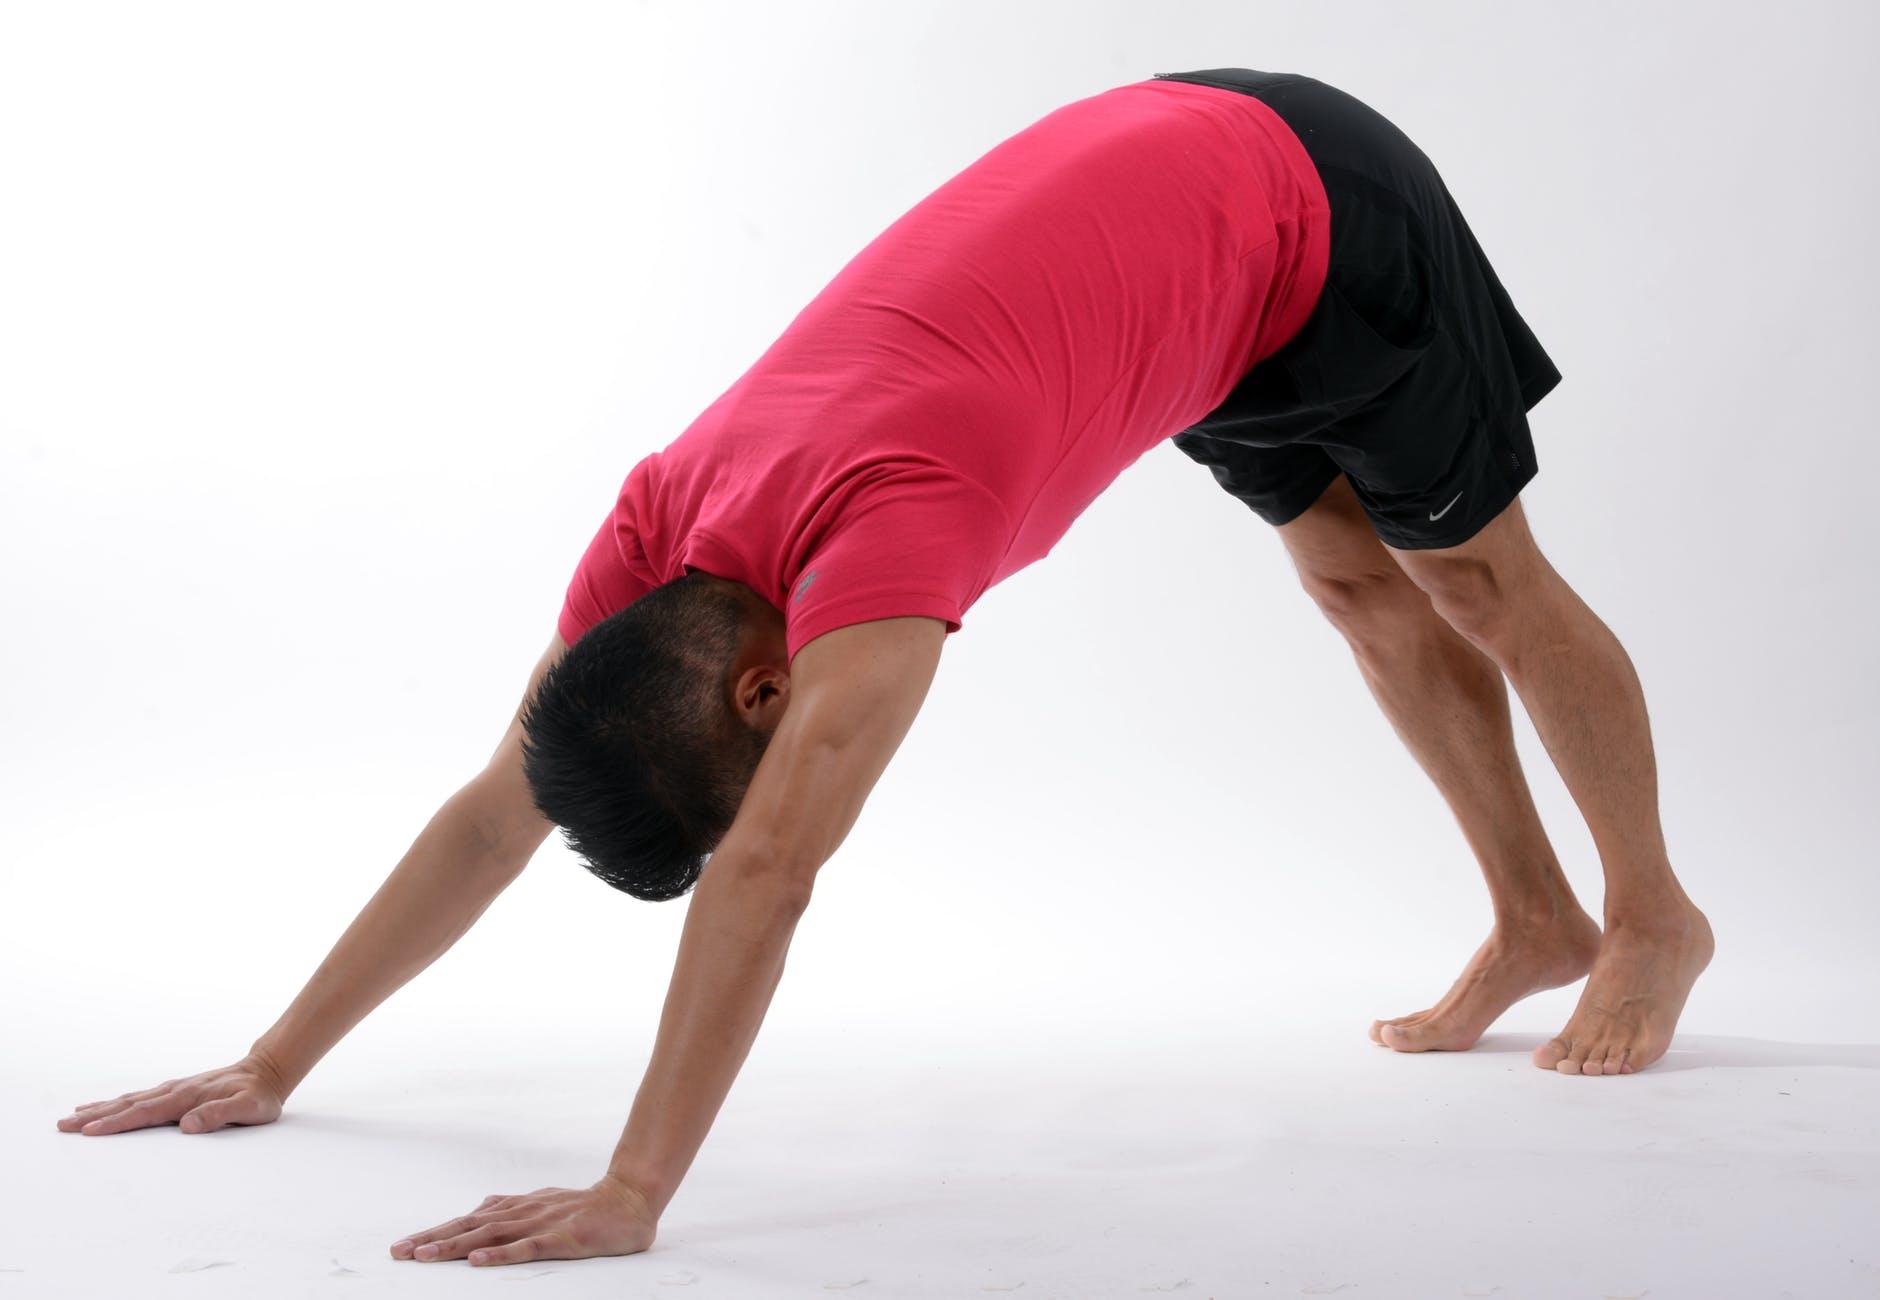 Quels sont les avantages de la pratique du fitness en plein air?